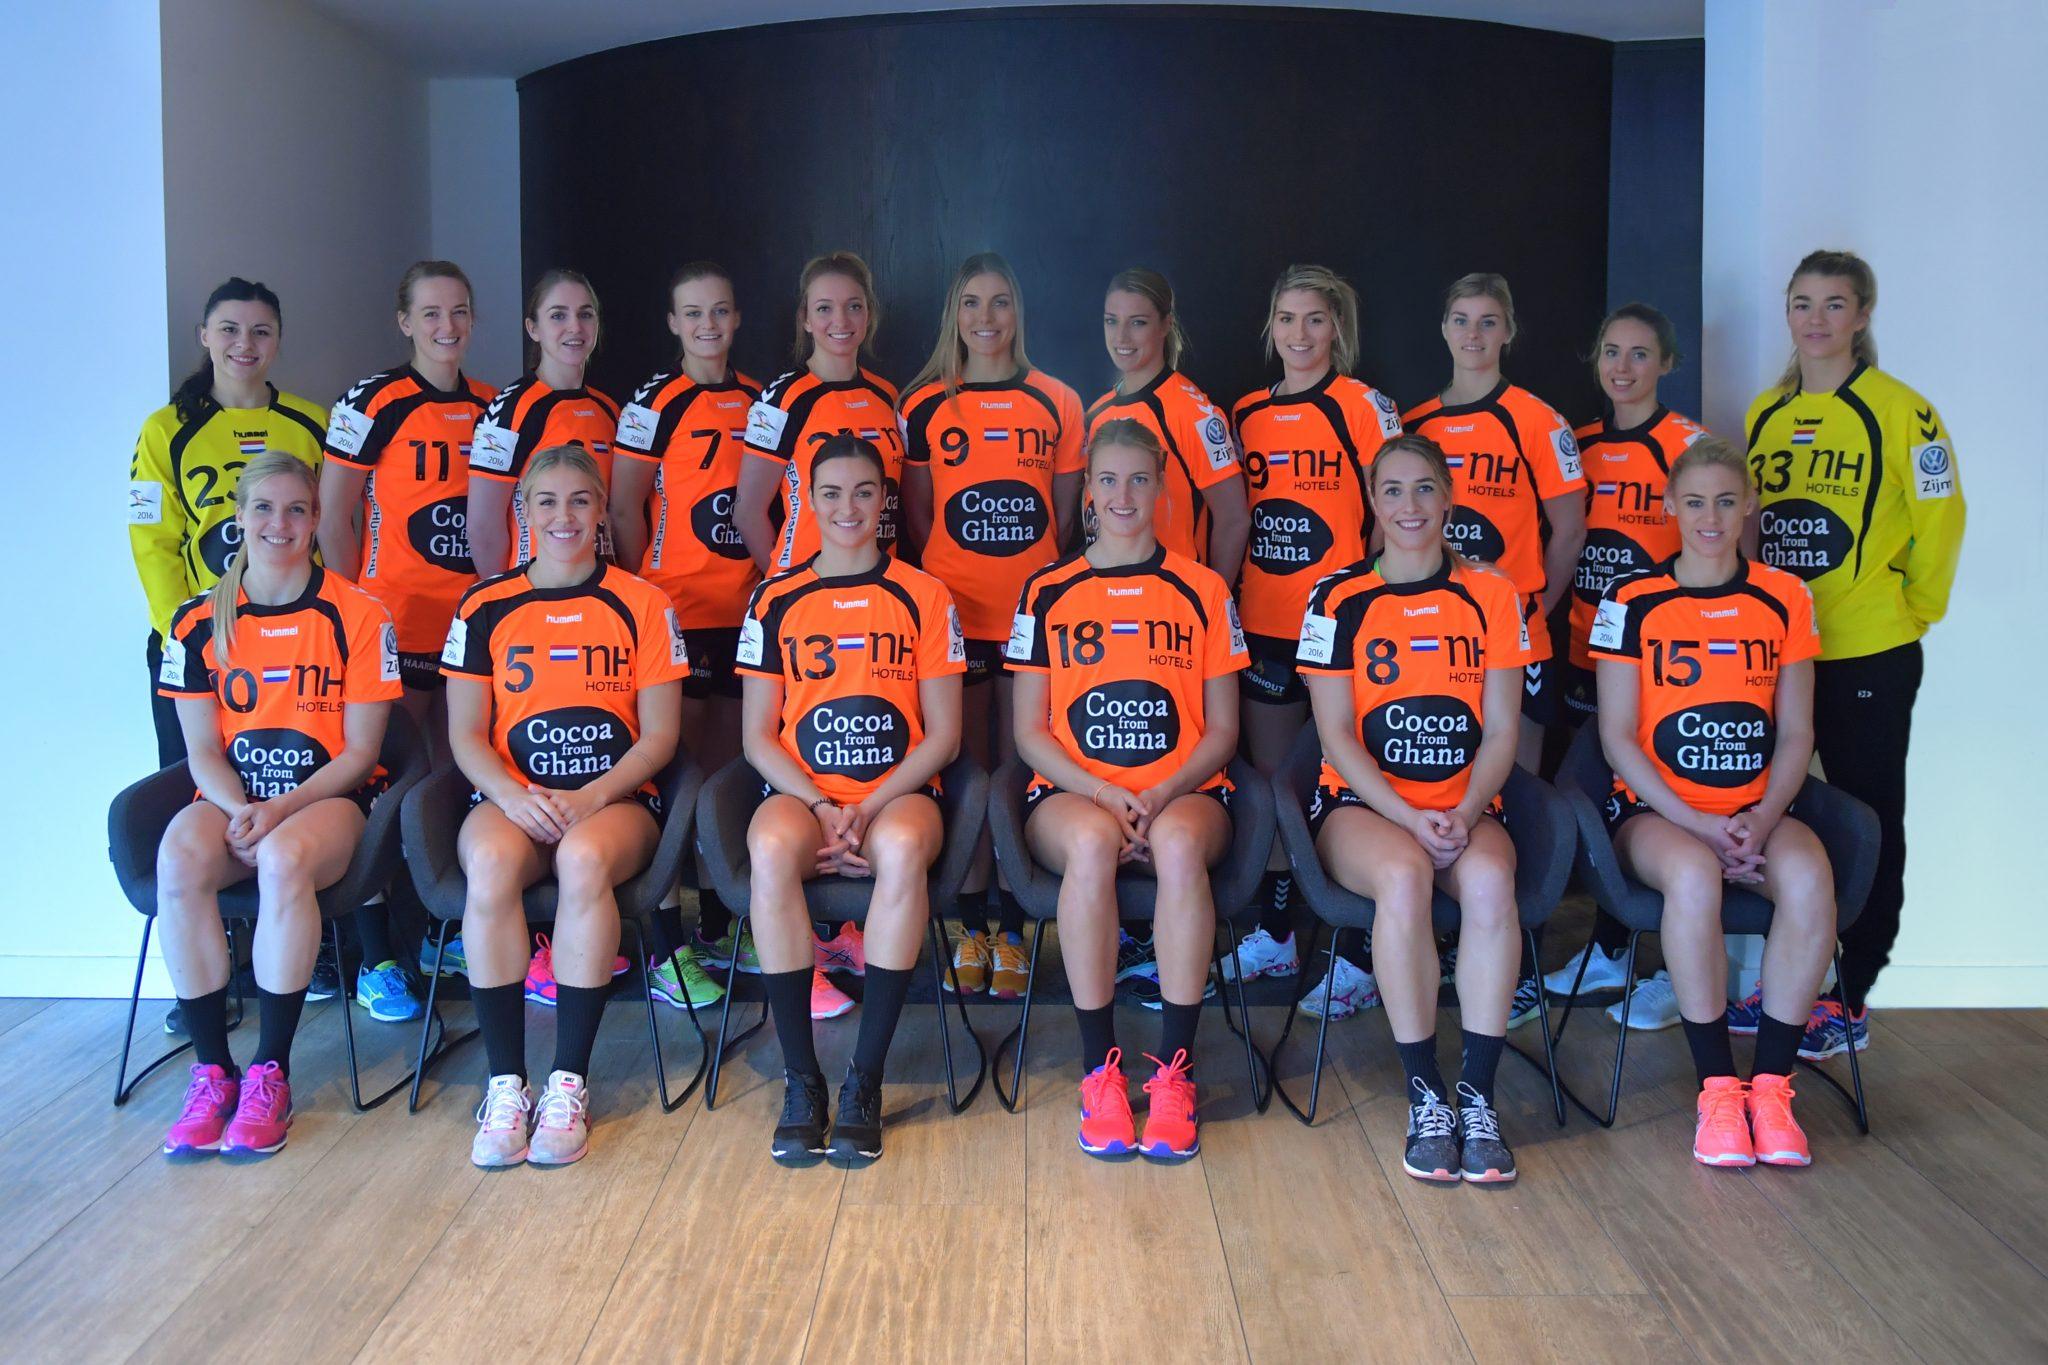 28-11-2016 HANDBAL:EK TEAM:PAPENDAL Teamfoto En Portretten Voor Het EK 2016 In Zweden.   Foto: Henk Seppen